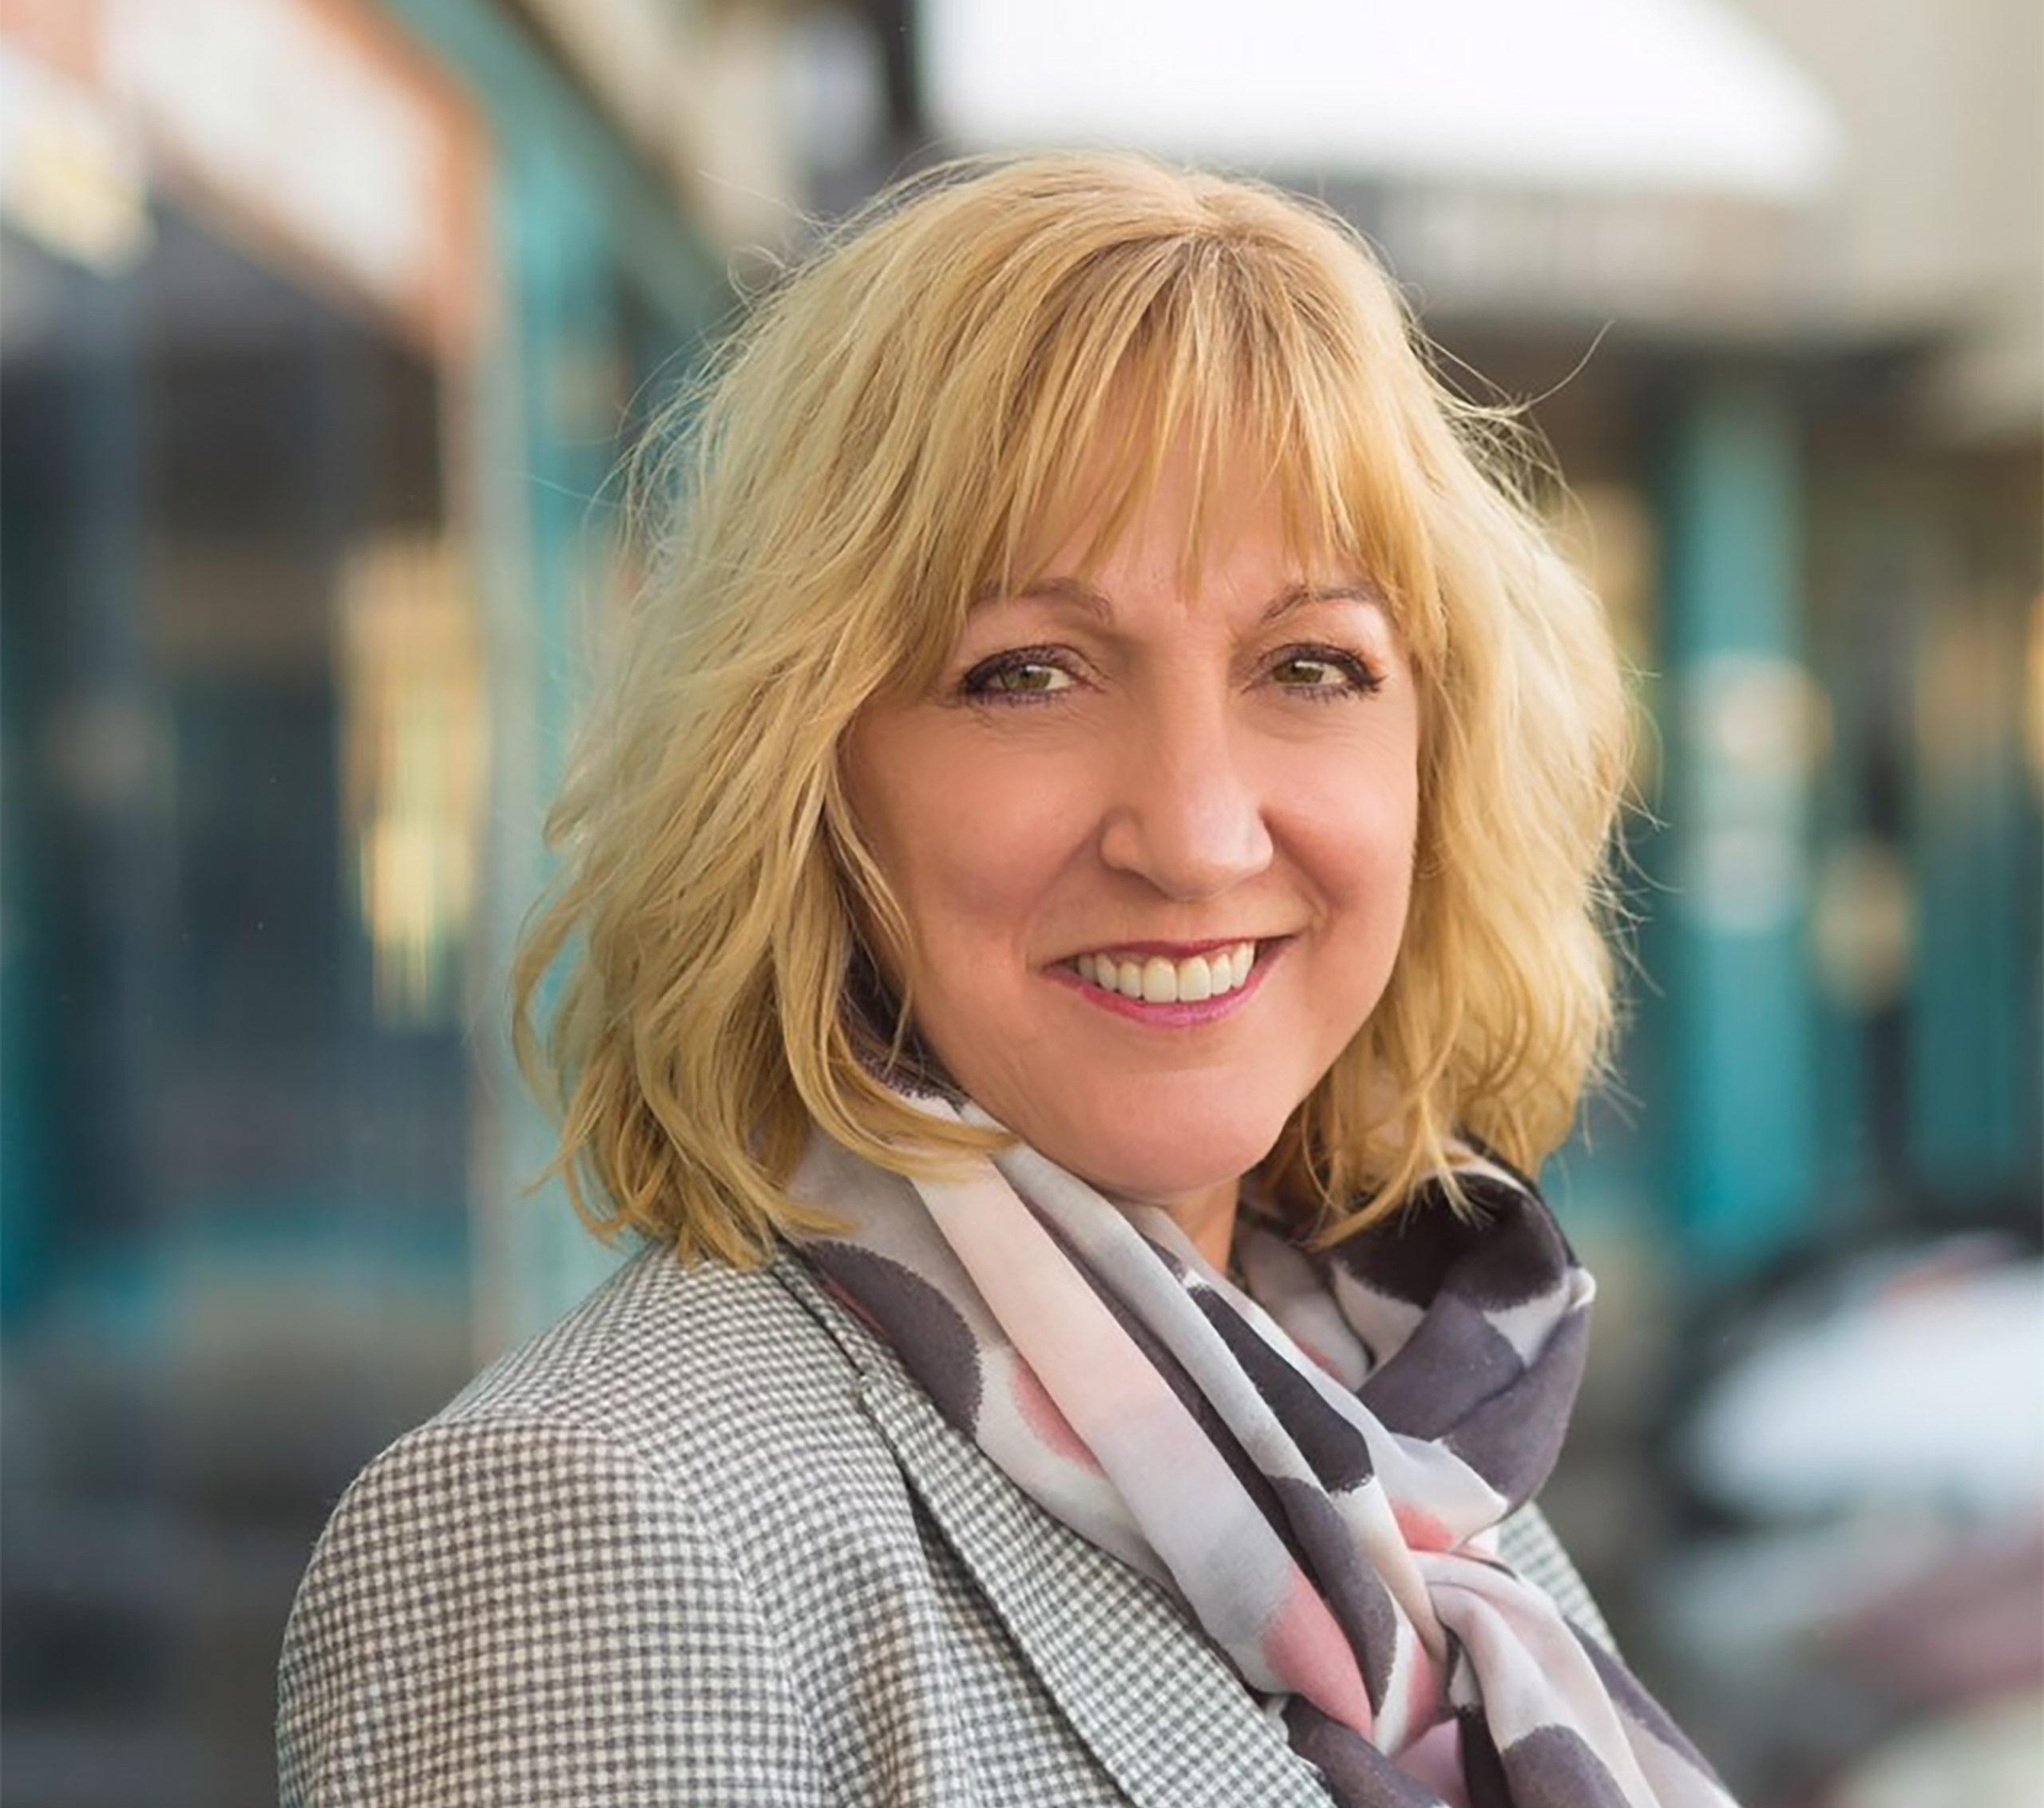 Jacinthe Savard, enseignante en Soins infirmiers au Cégep de Matane, a remporté l'un des dix Prix Profession Santé lors de l'édition 2018 de ces prix remis par le Groupe Santé d'EnsembleIQ.